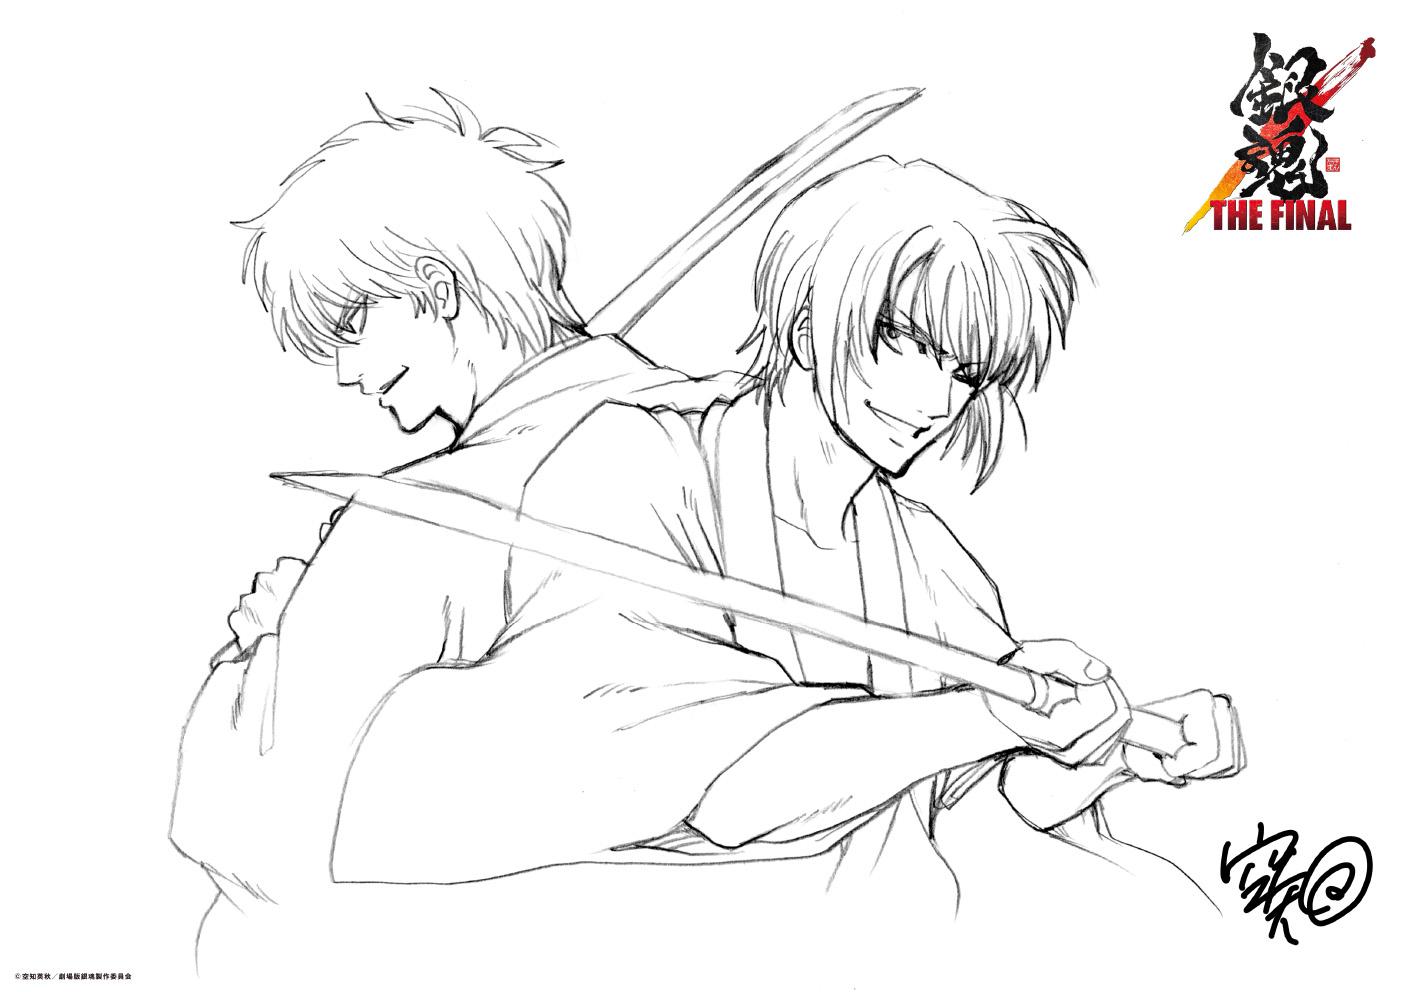 映画「銀魂 THE FINAL」空知英秋先生が描く銀さんと高杉の胸アツビジュアルが第3週&第7週の来場者特典に決定!